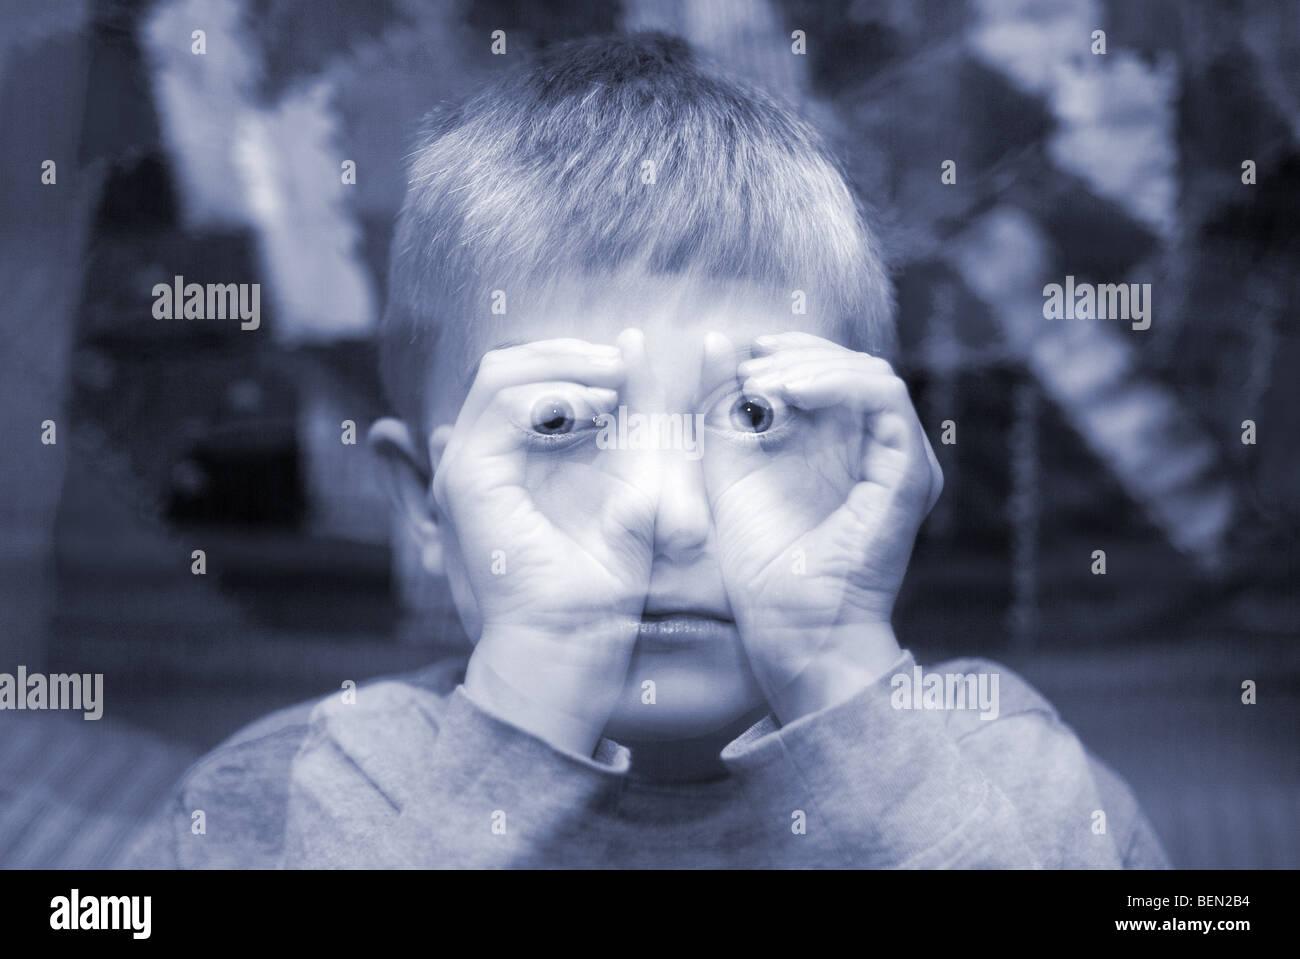 Enfant faisant mains jumelles avec imaginaire dans une double exposition éthérée Photo Stock